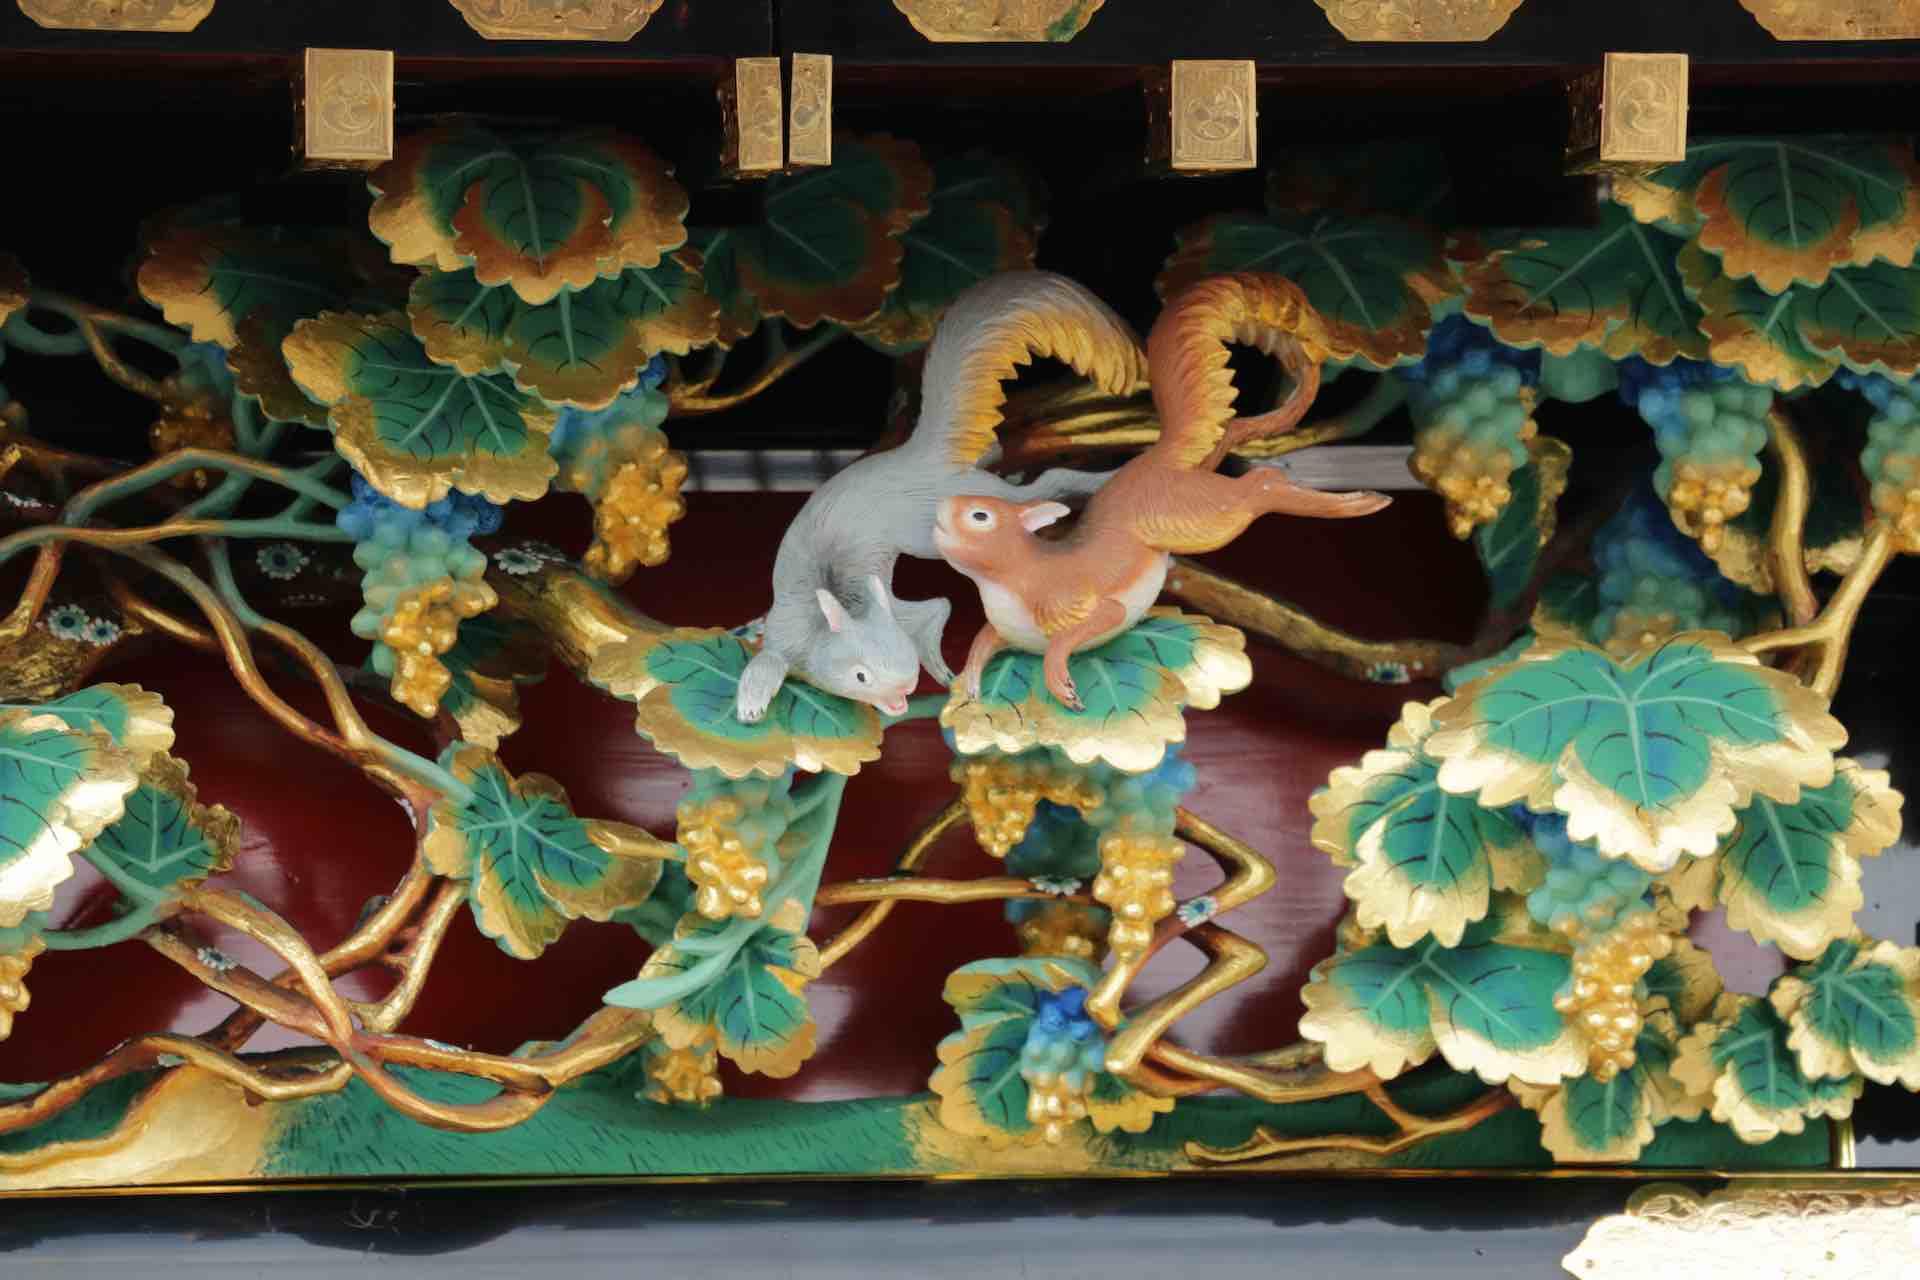 愛らしいリスの彫刻は、先ほどの猿を彫ったのと同じ、江戸期の職人によるものだそう